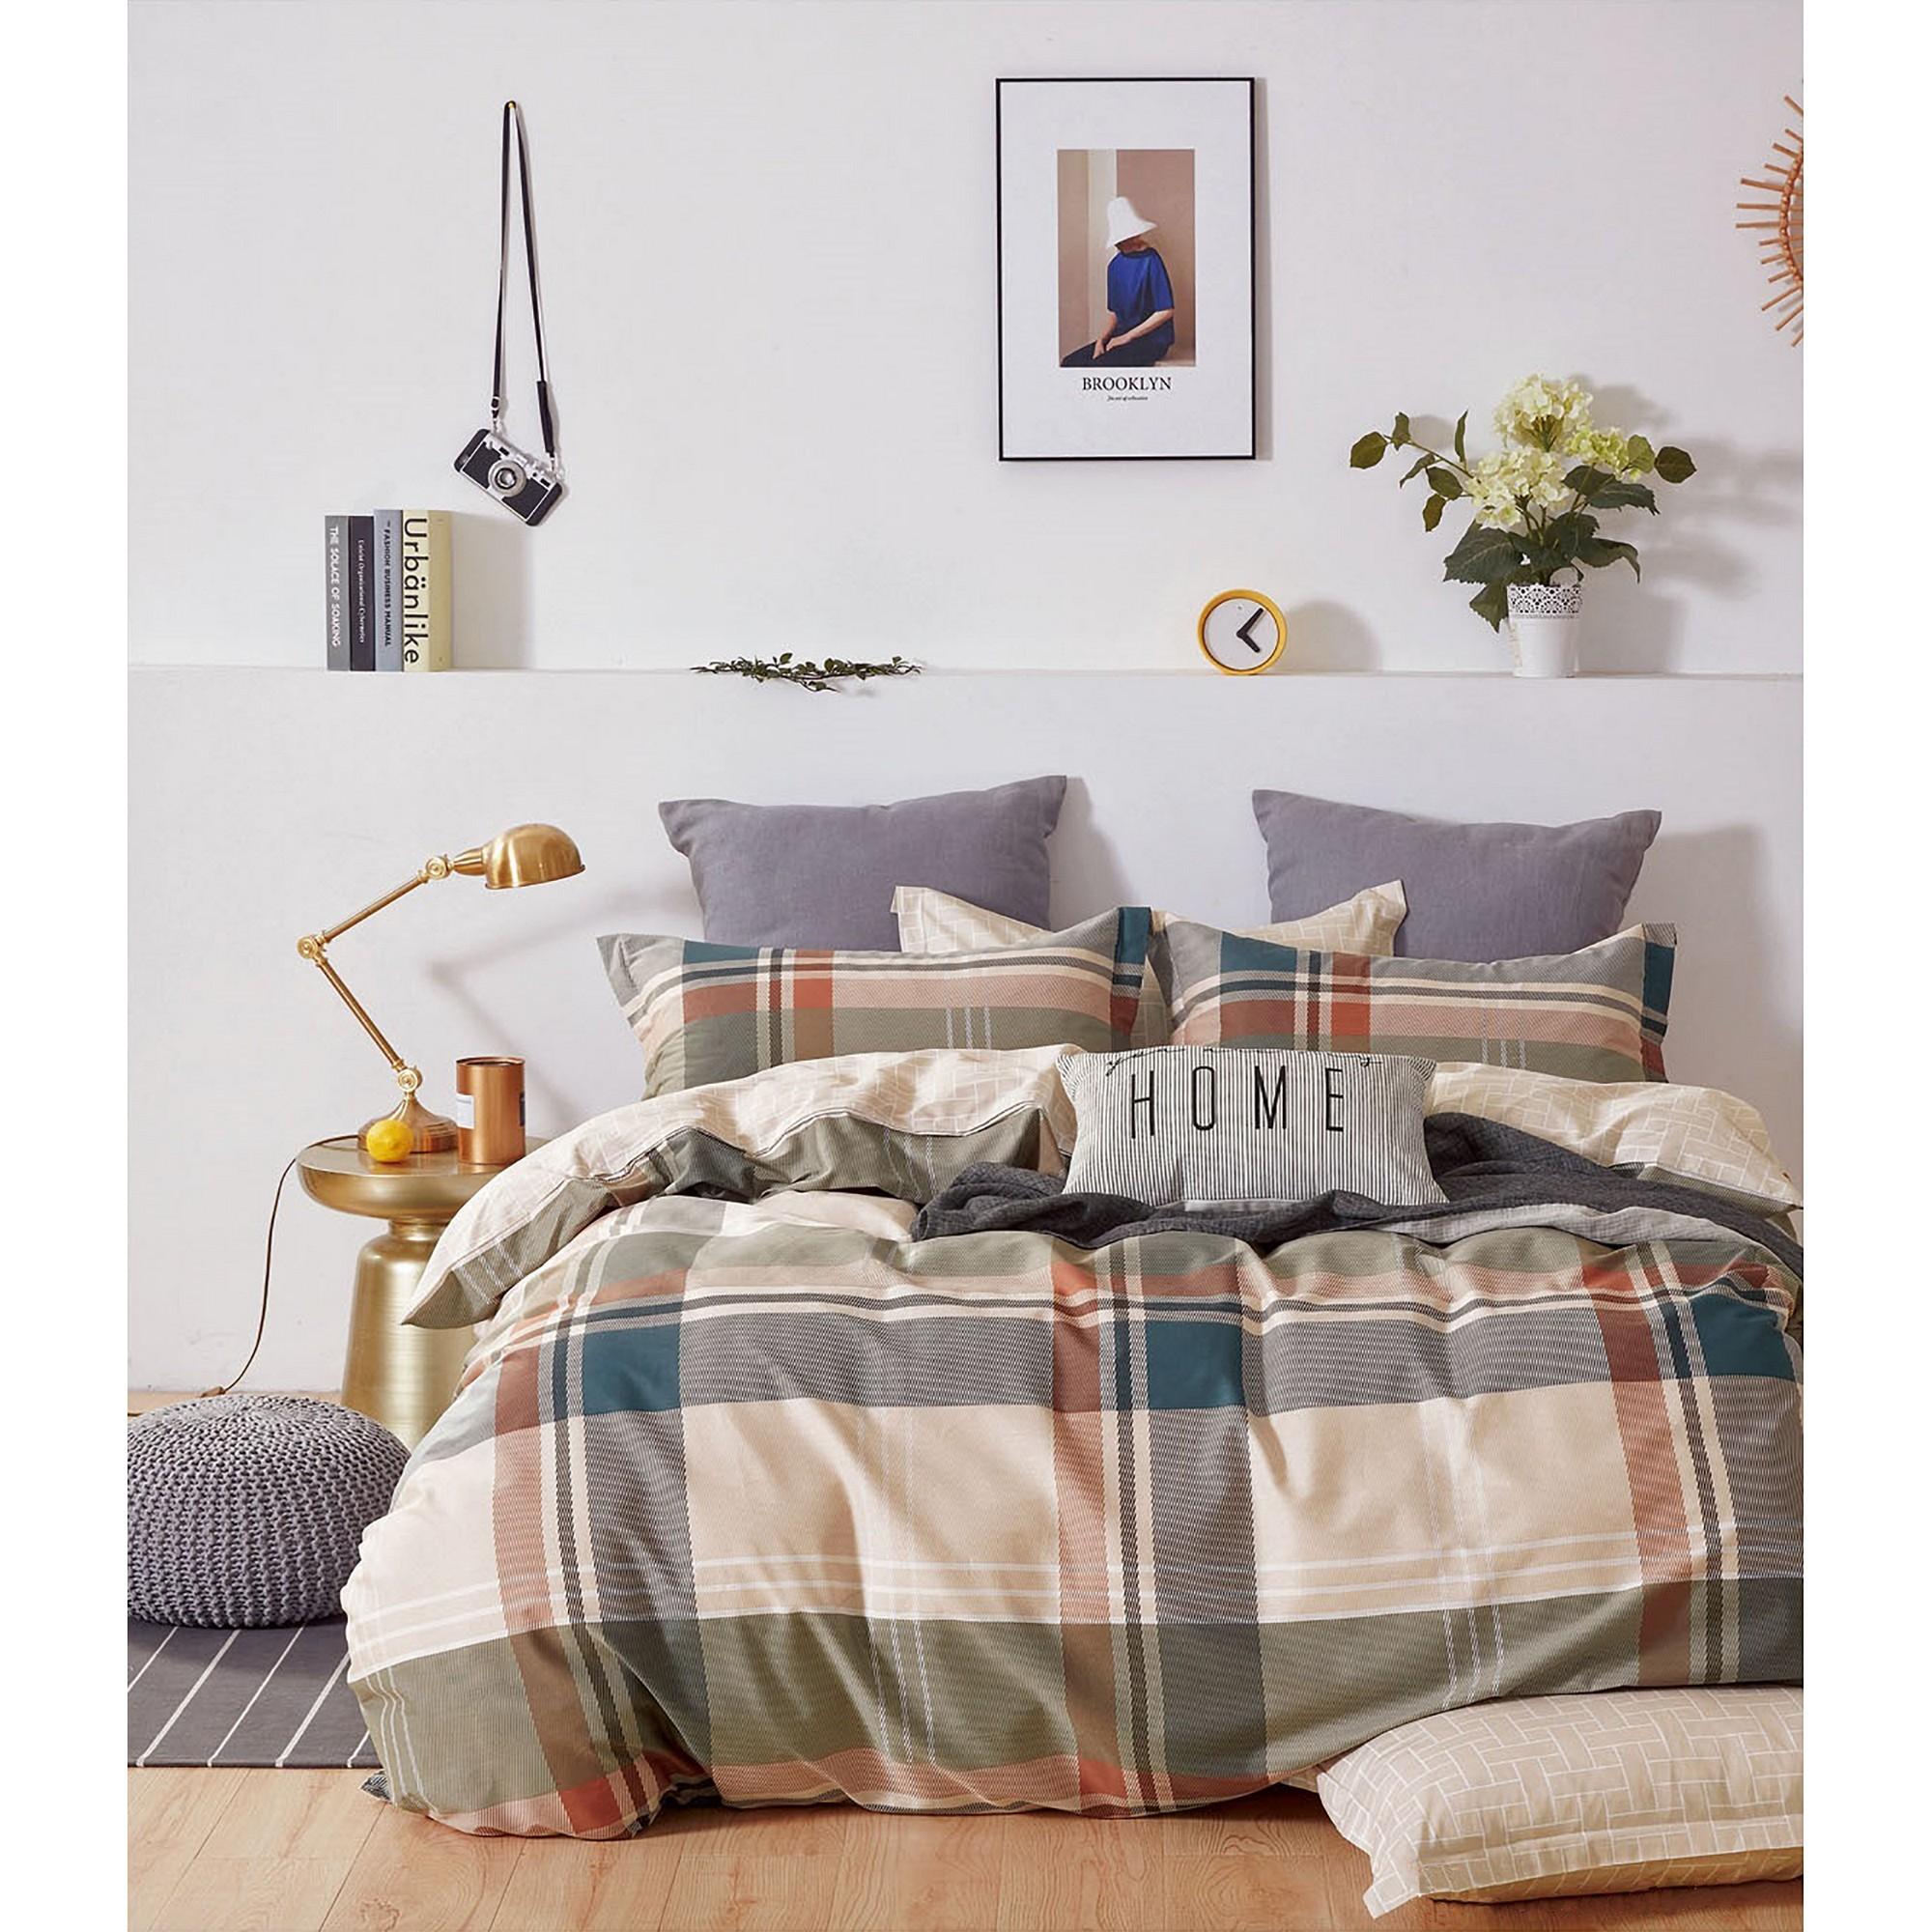 Ardor Sturt 3 Piece Cotton Quilt Cover Set, Double